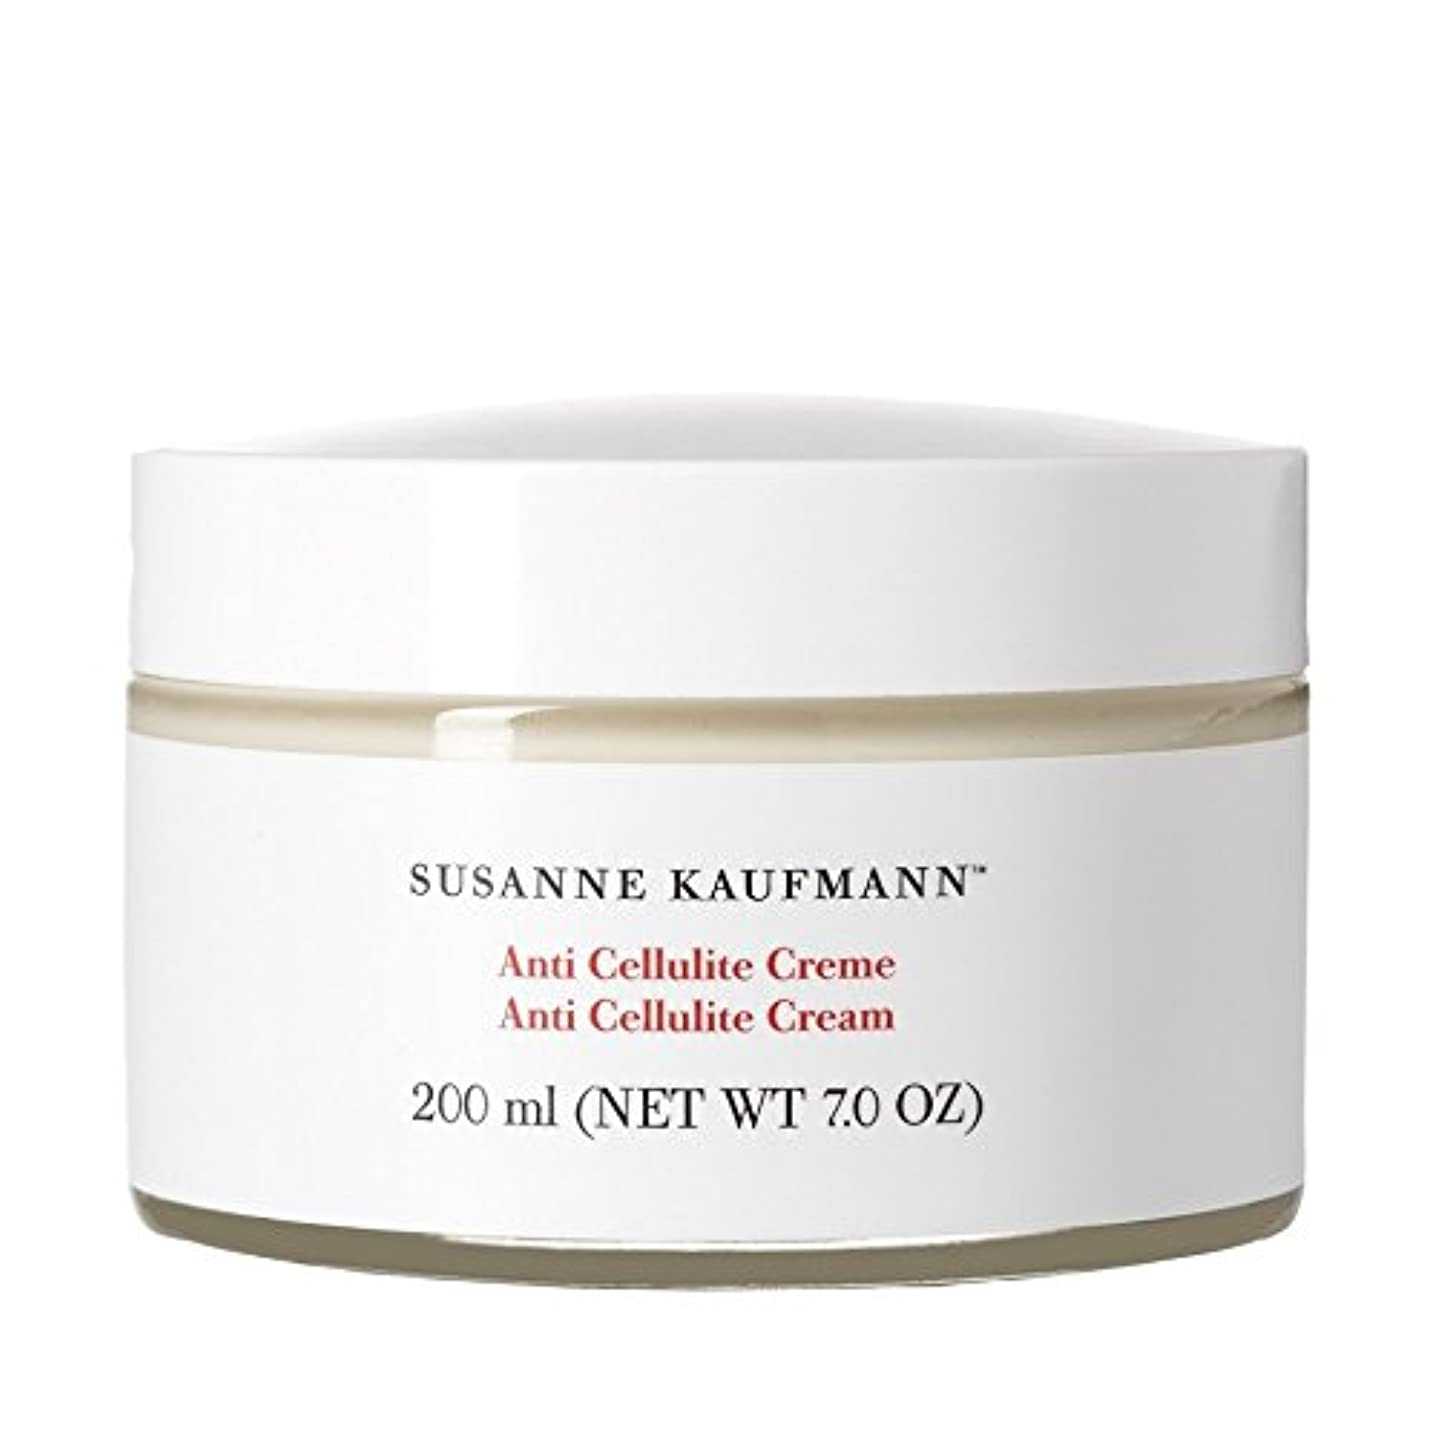 パイル電話するアンティークスザンヌカウフマン抗セルライトクリーム200ミリリットル x2 - Susanne Kaufmann Anti Cellulite Cream 200ml (Pack of 2) [並行輸入品]